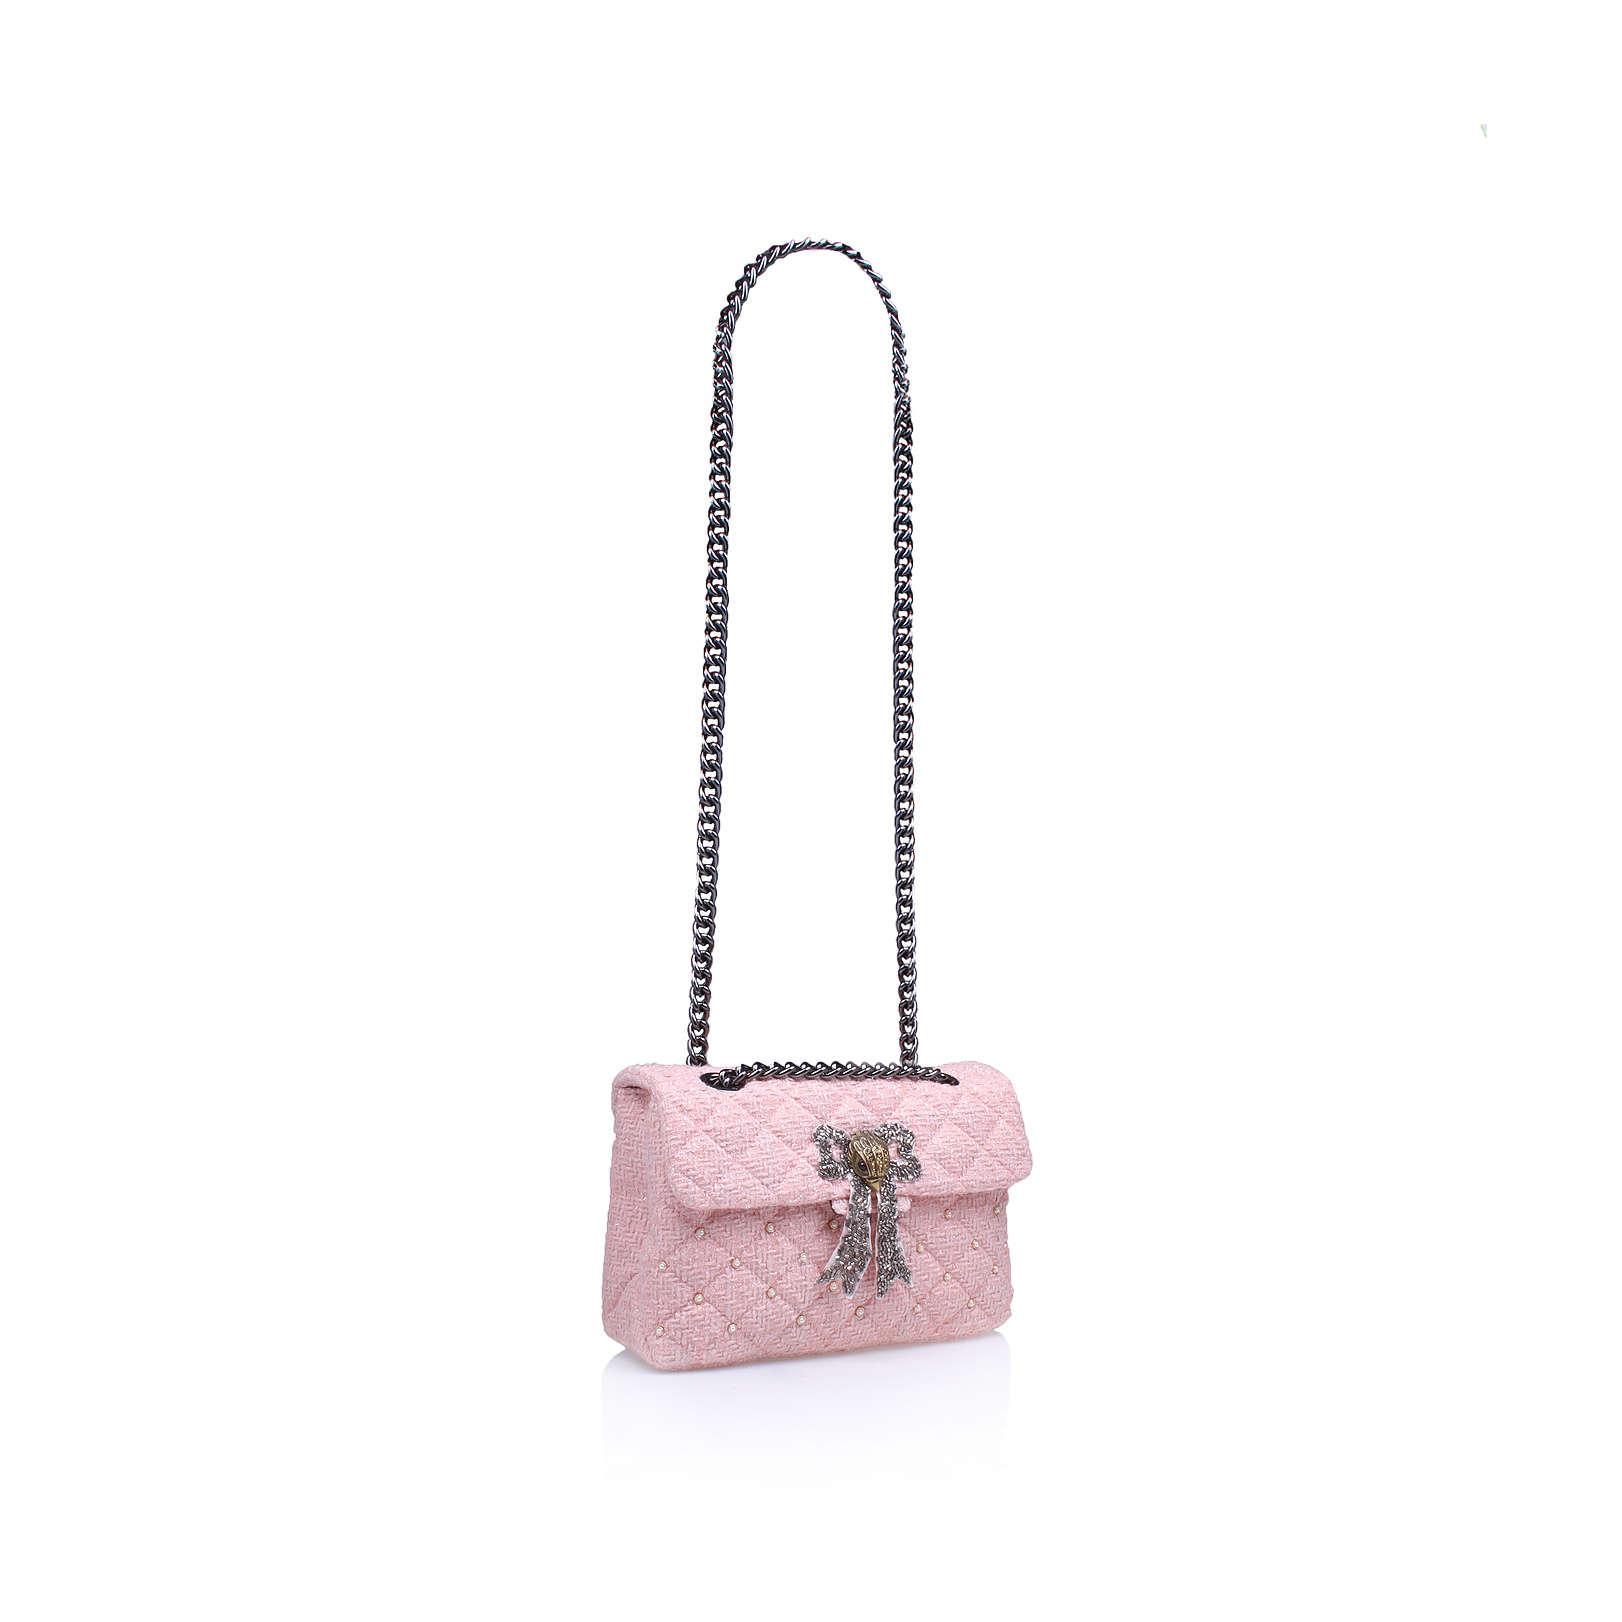 TWEED KENSINGTON BAG Kurt Geiger London Tweed Kensington Pink Day ...